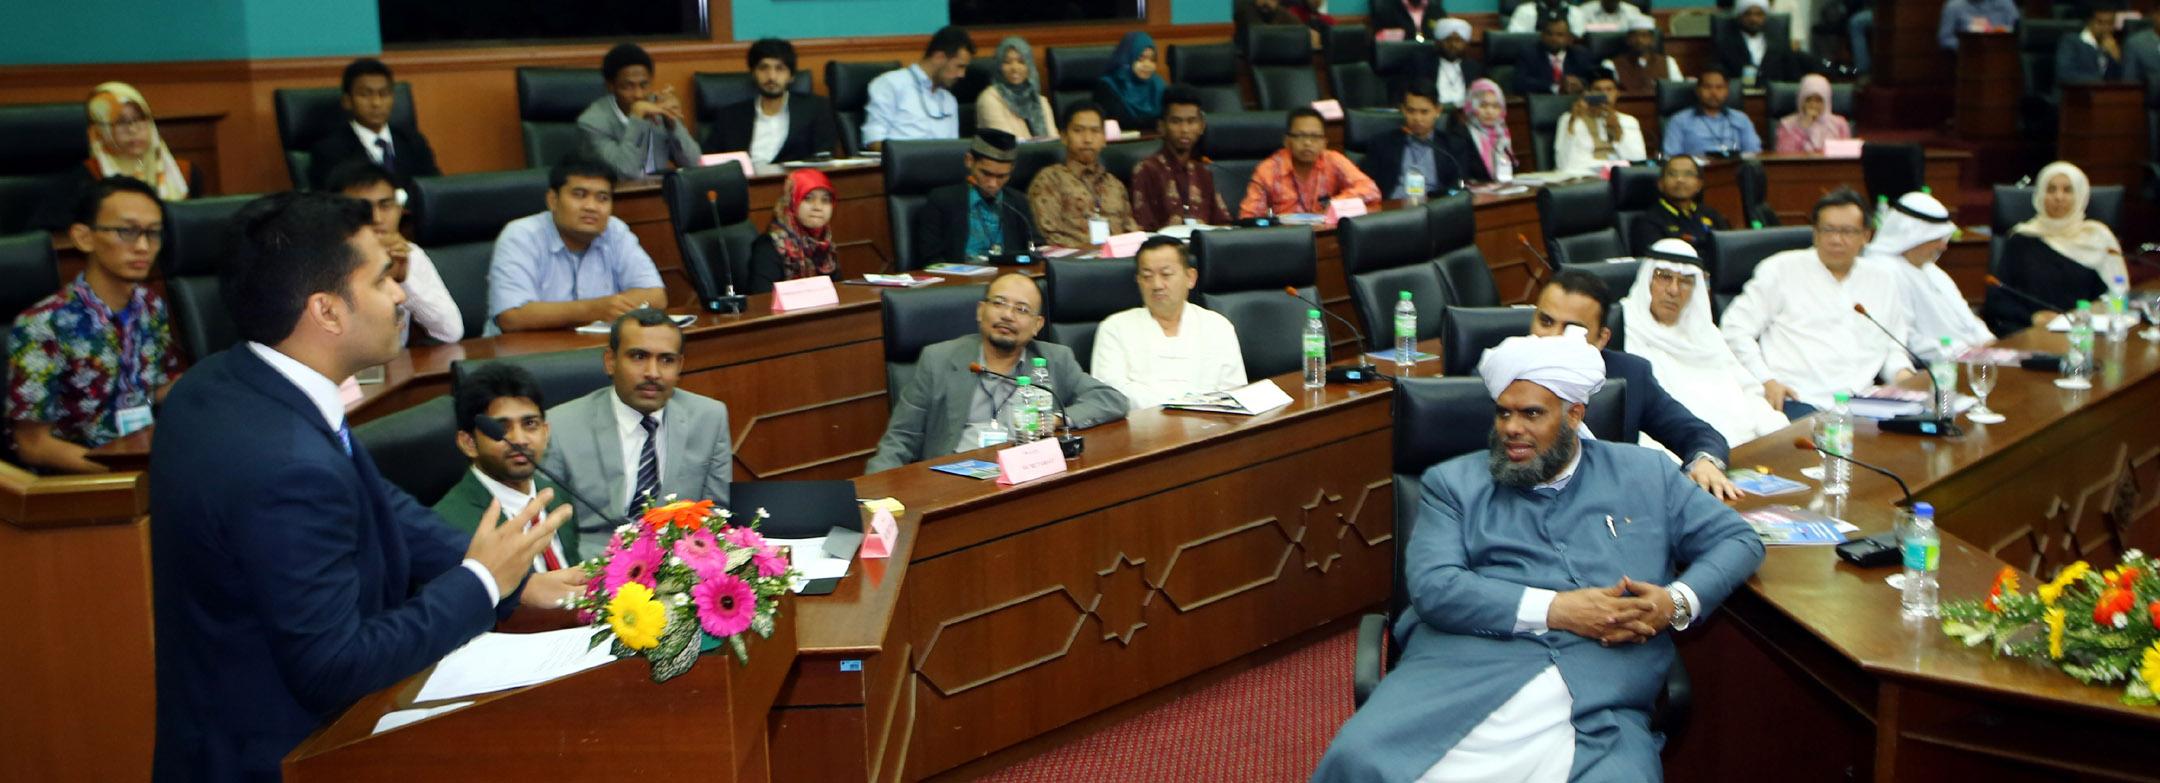 Dr. Shamsheer speech.jpg